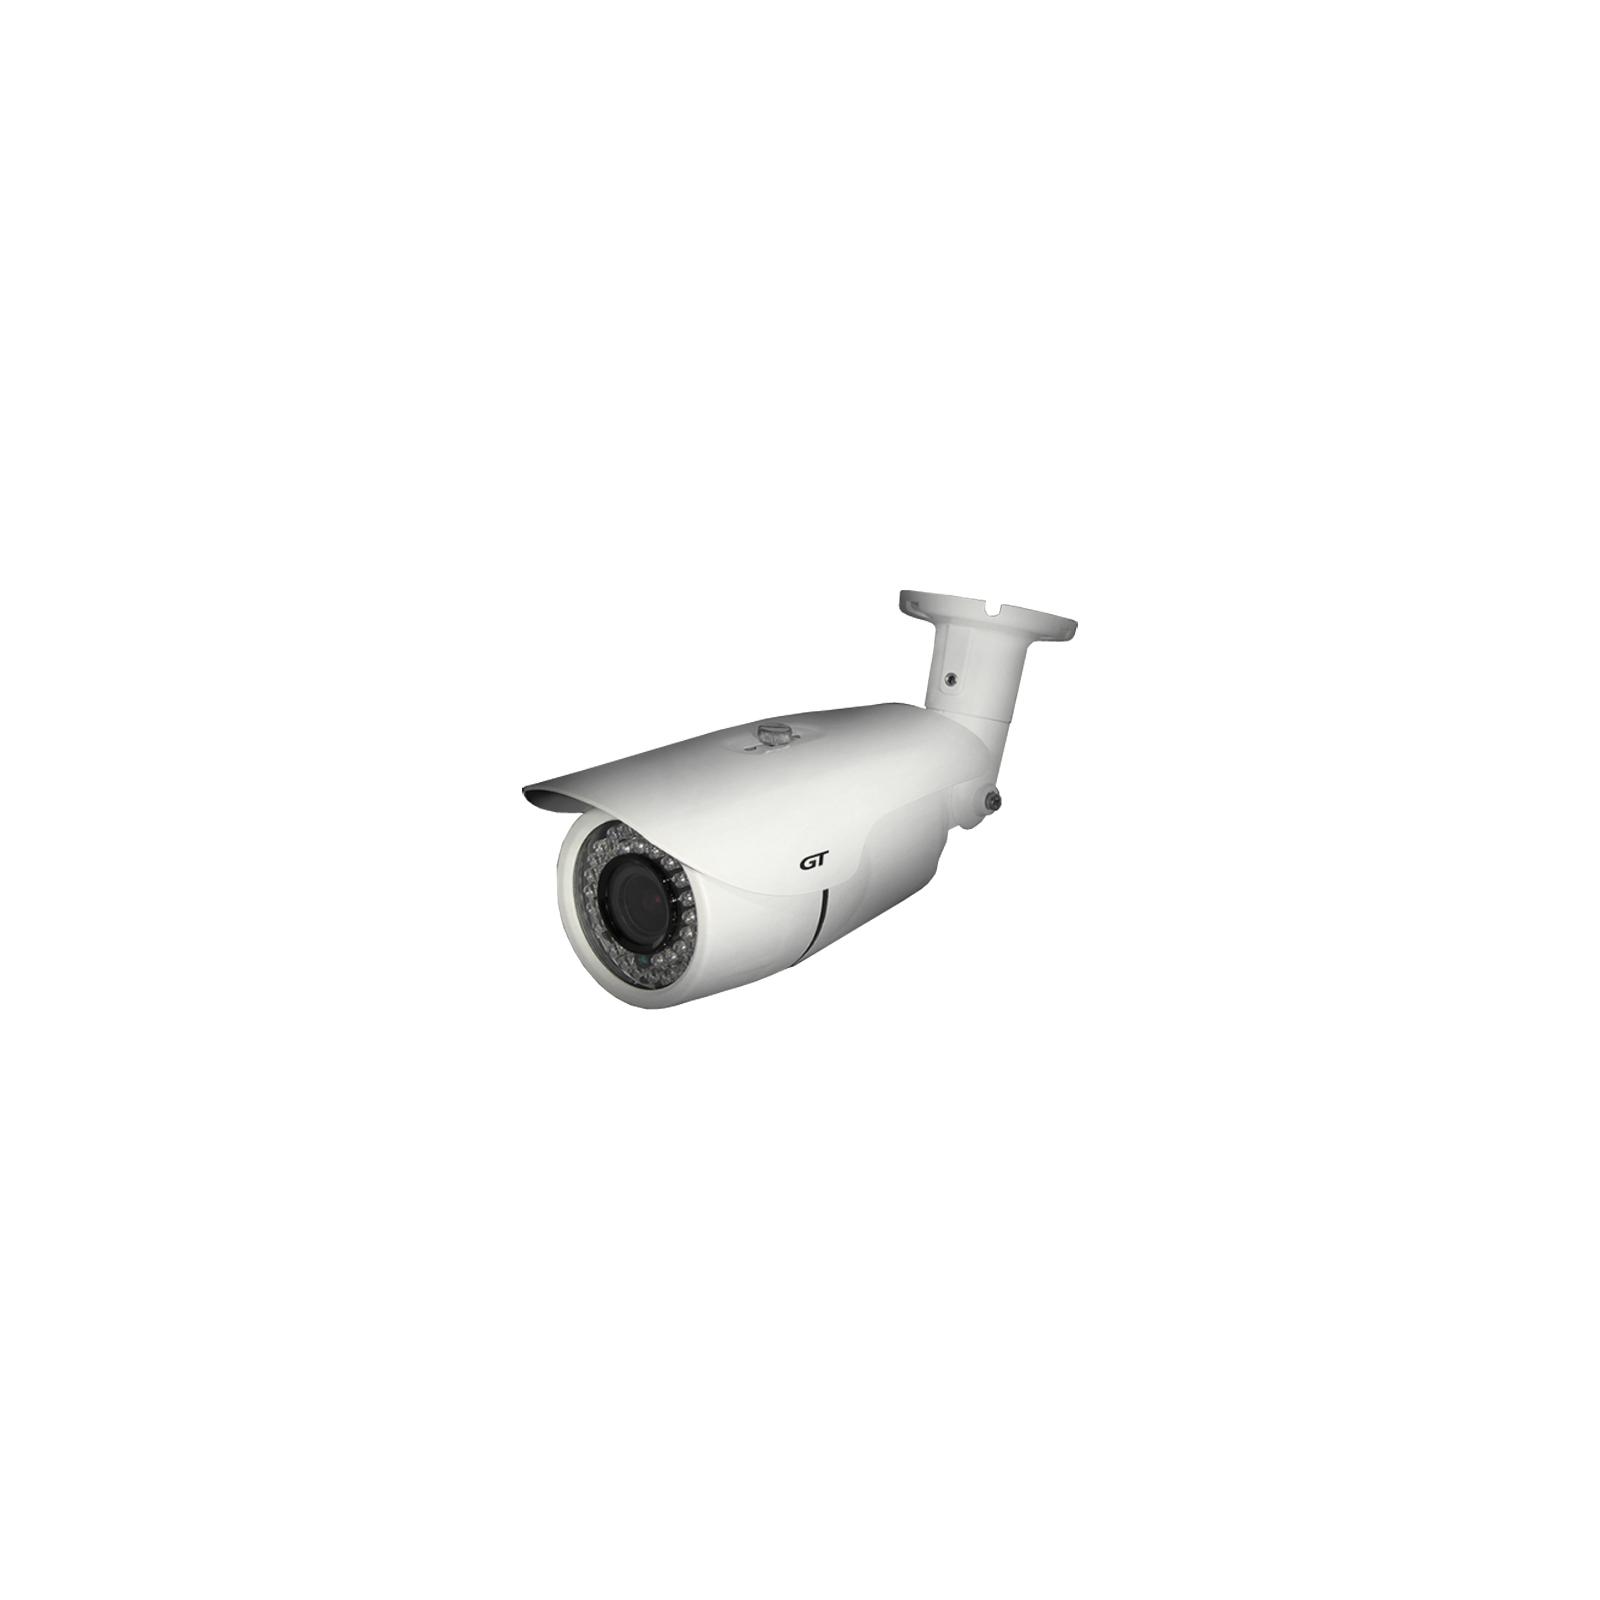 Камера видеонаблюдения GT Electronics AH282-20s